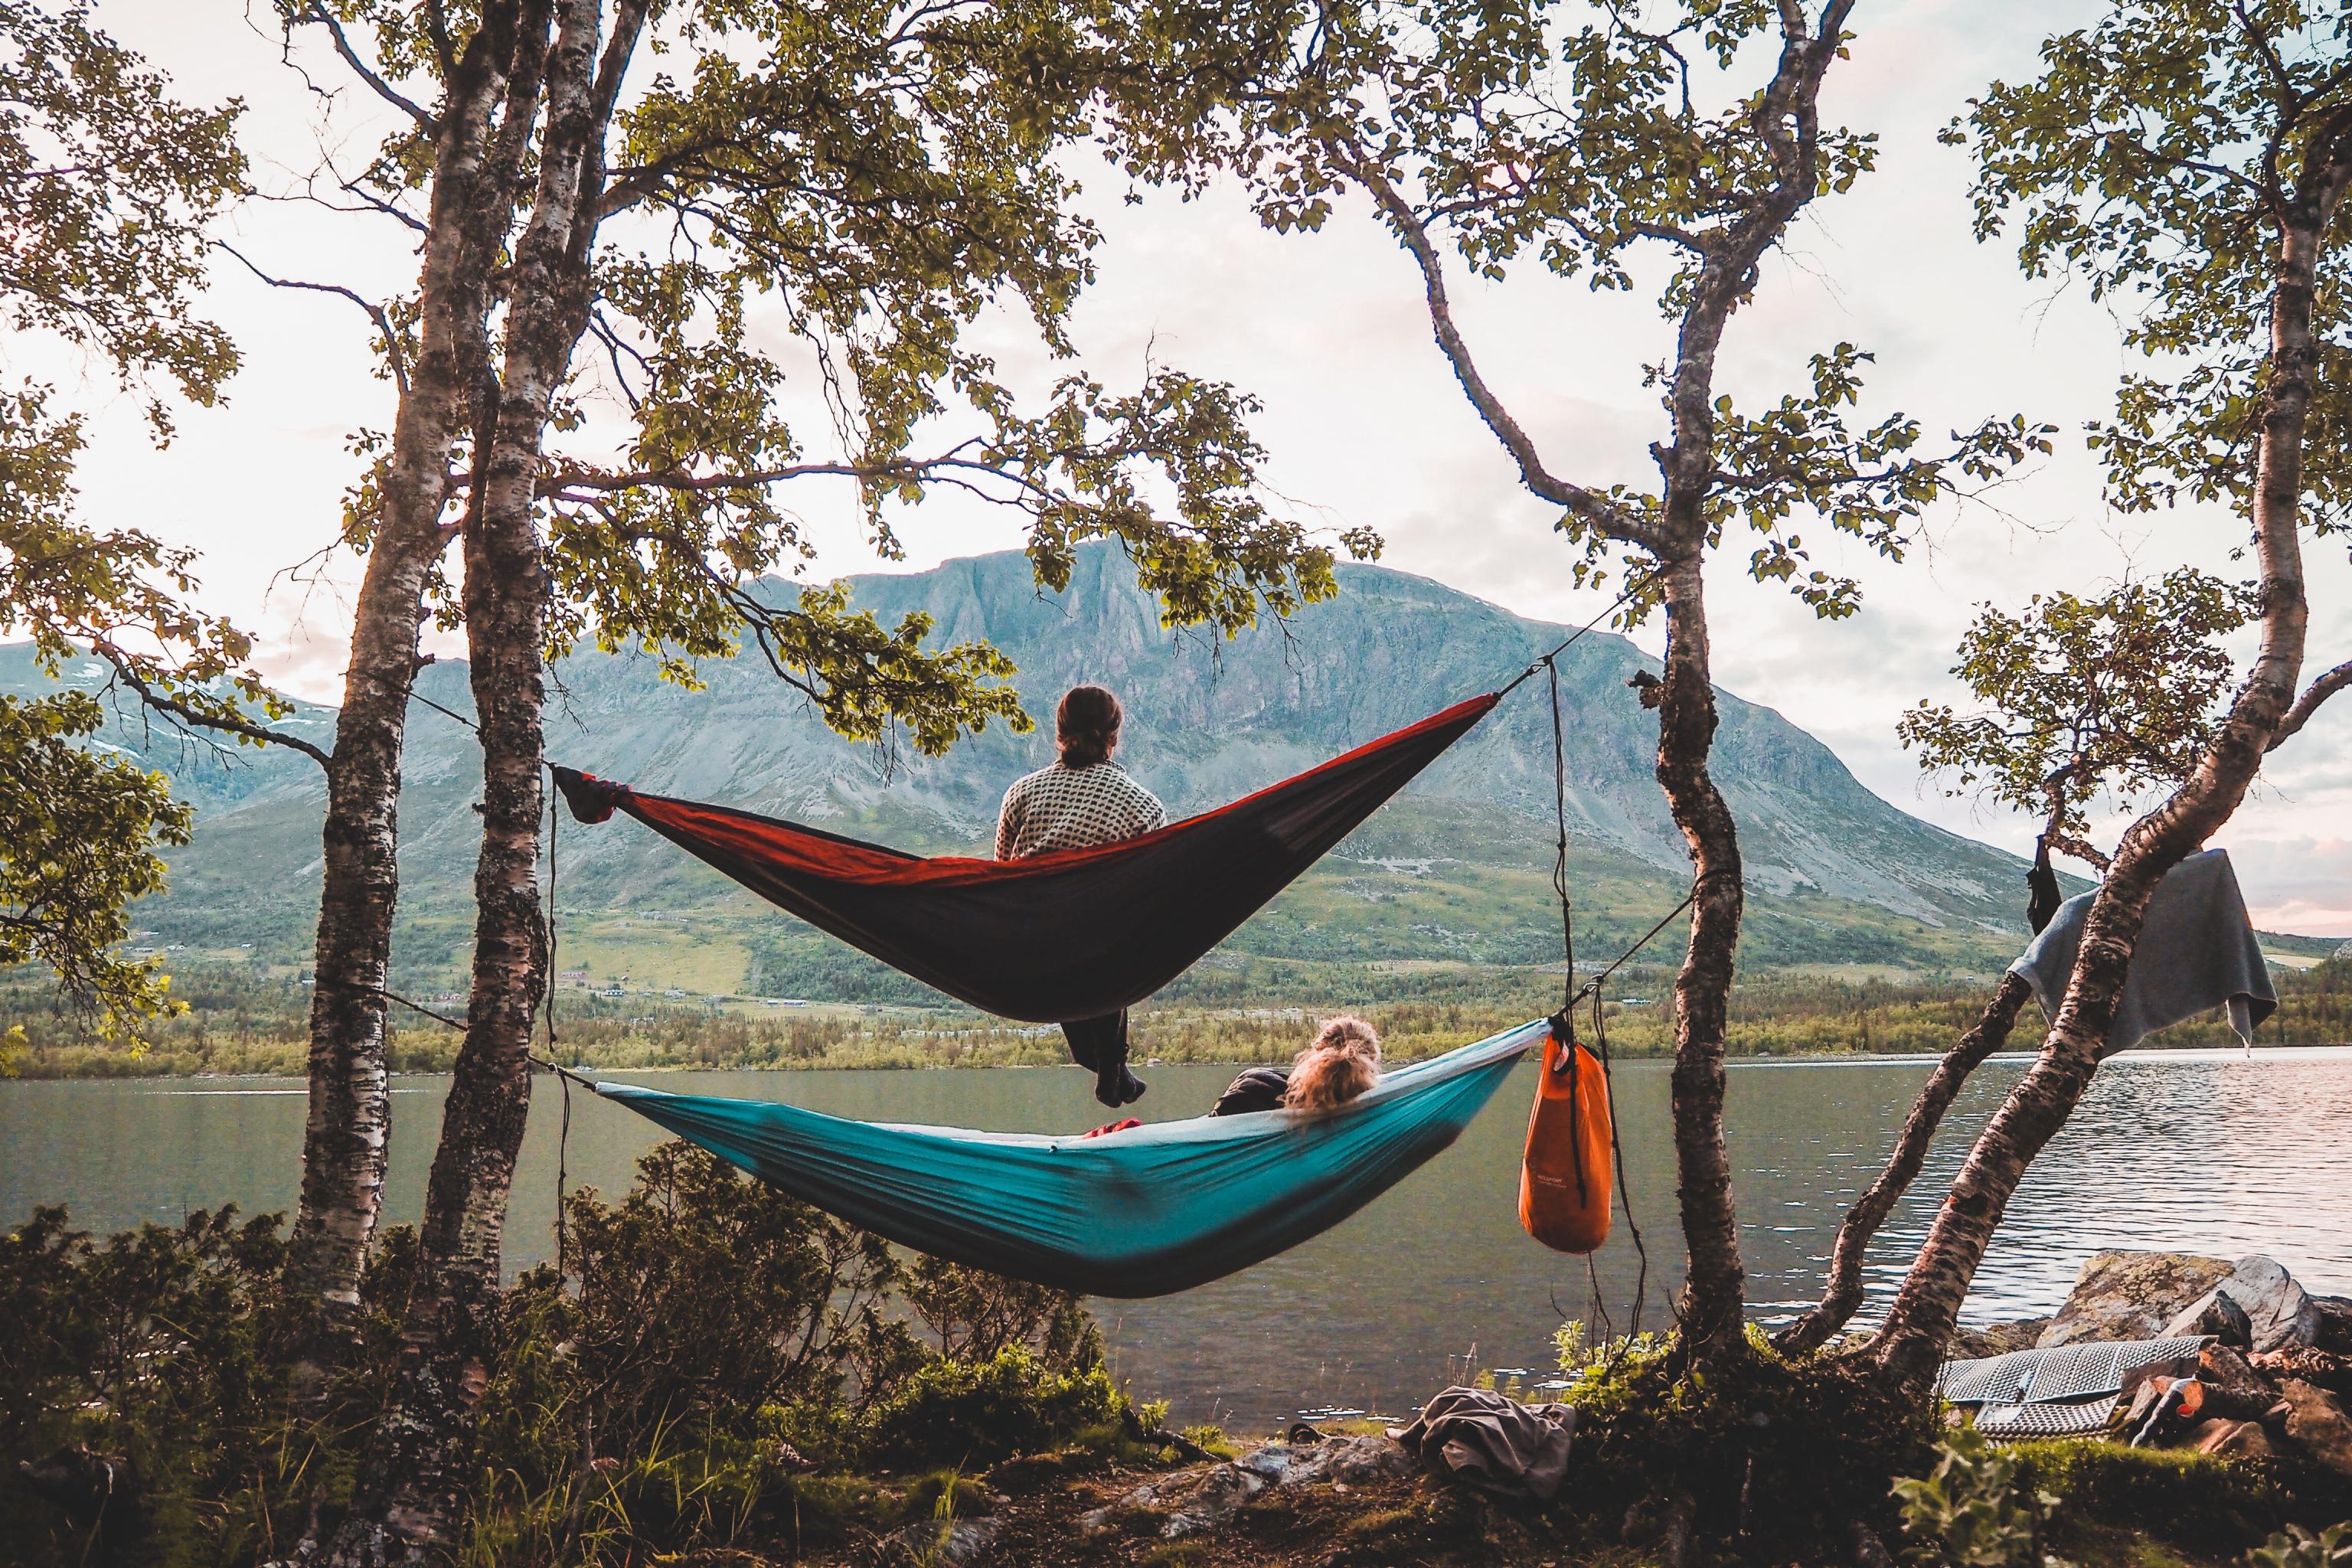 Ta sommerens fineste bilde vinn telt fra Fjällräven